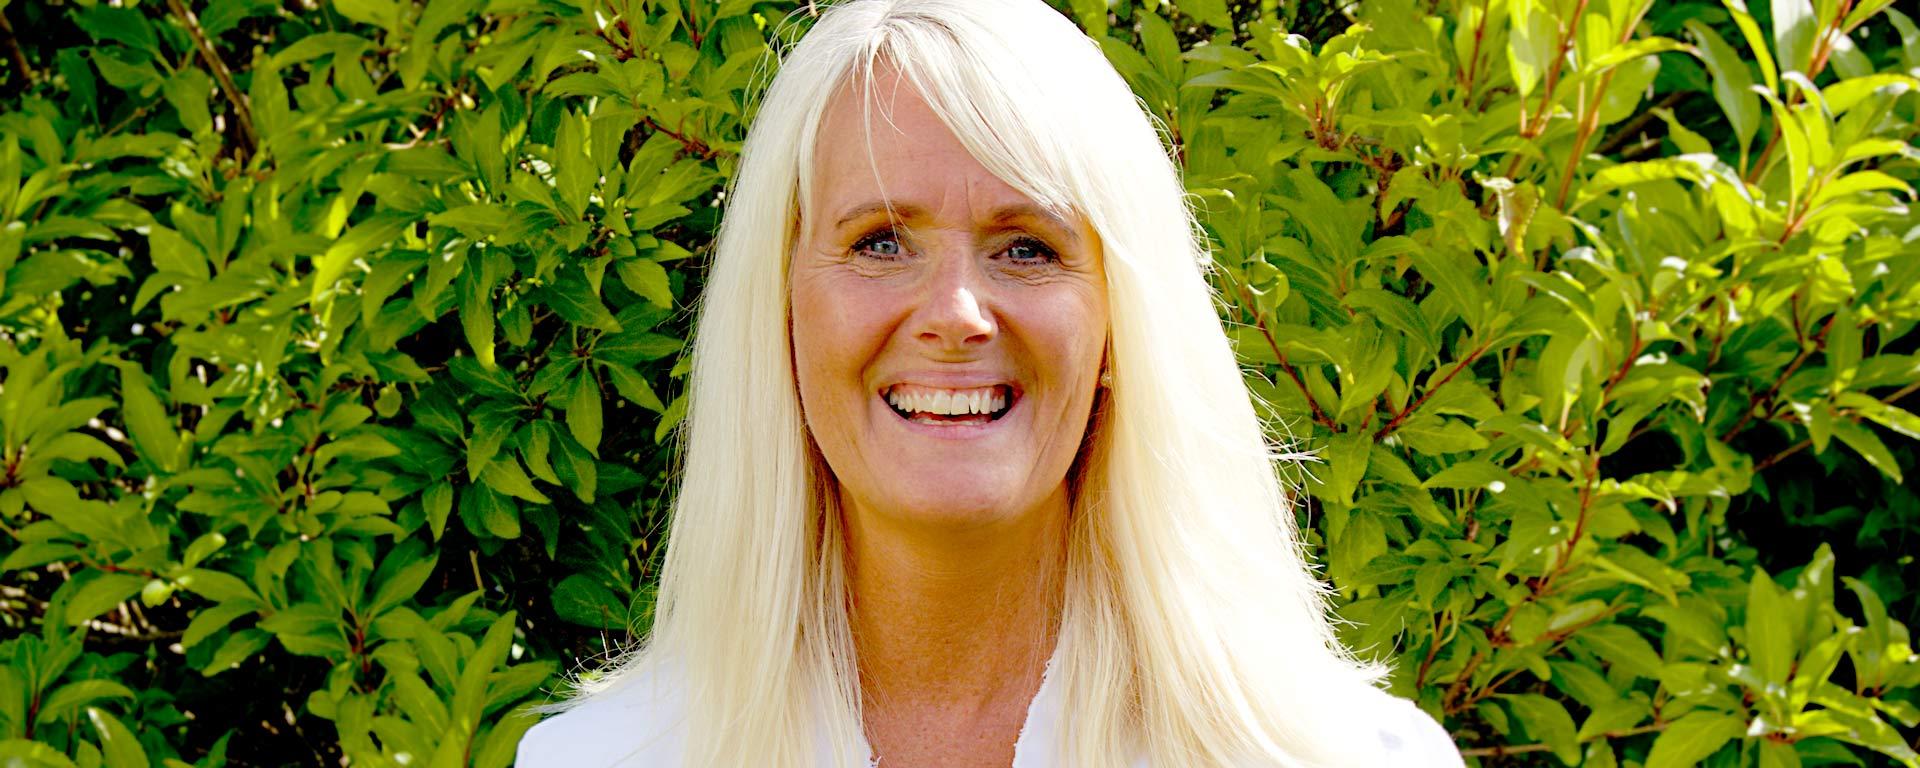 Porträtt av Eva-Lotta Bengtsson i solljus framför en häck